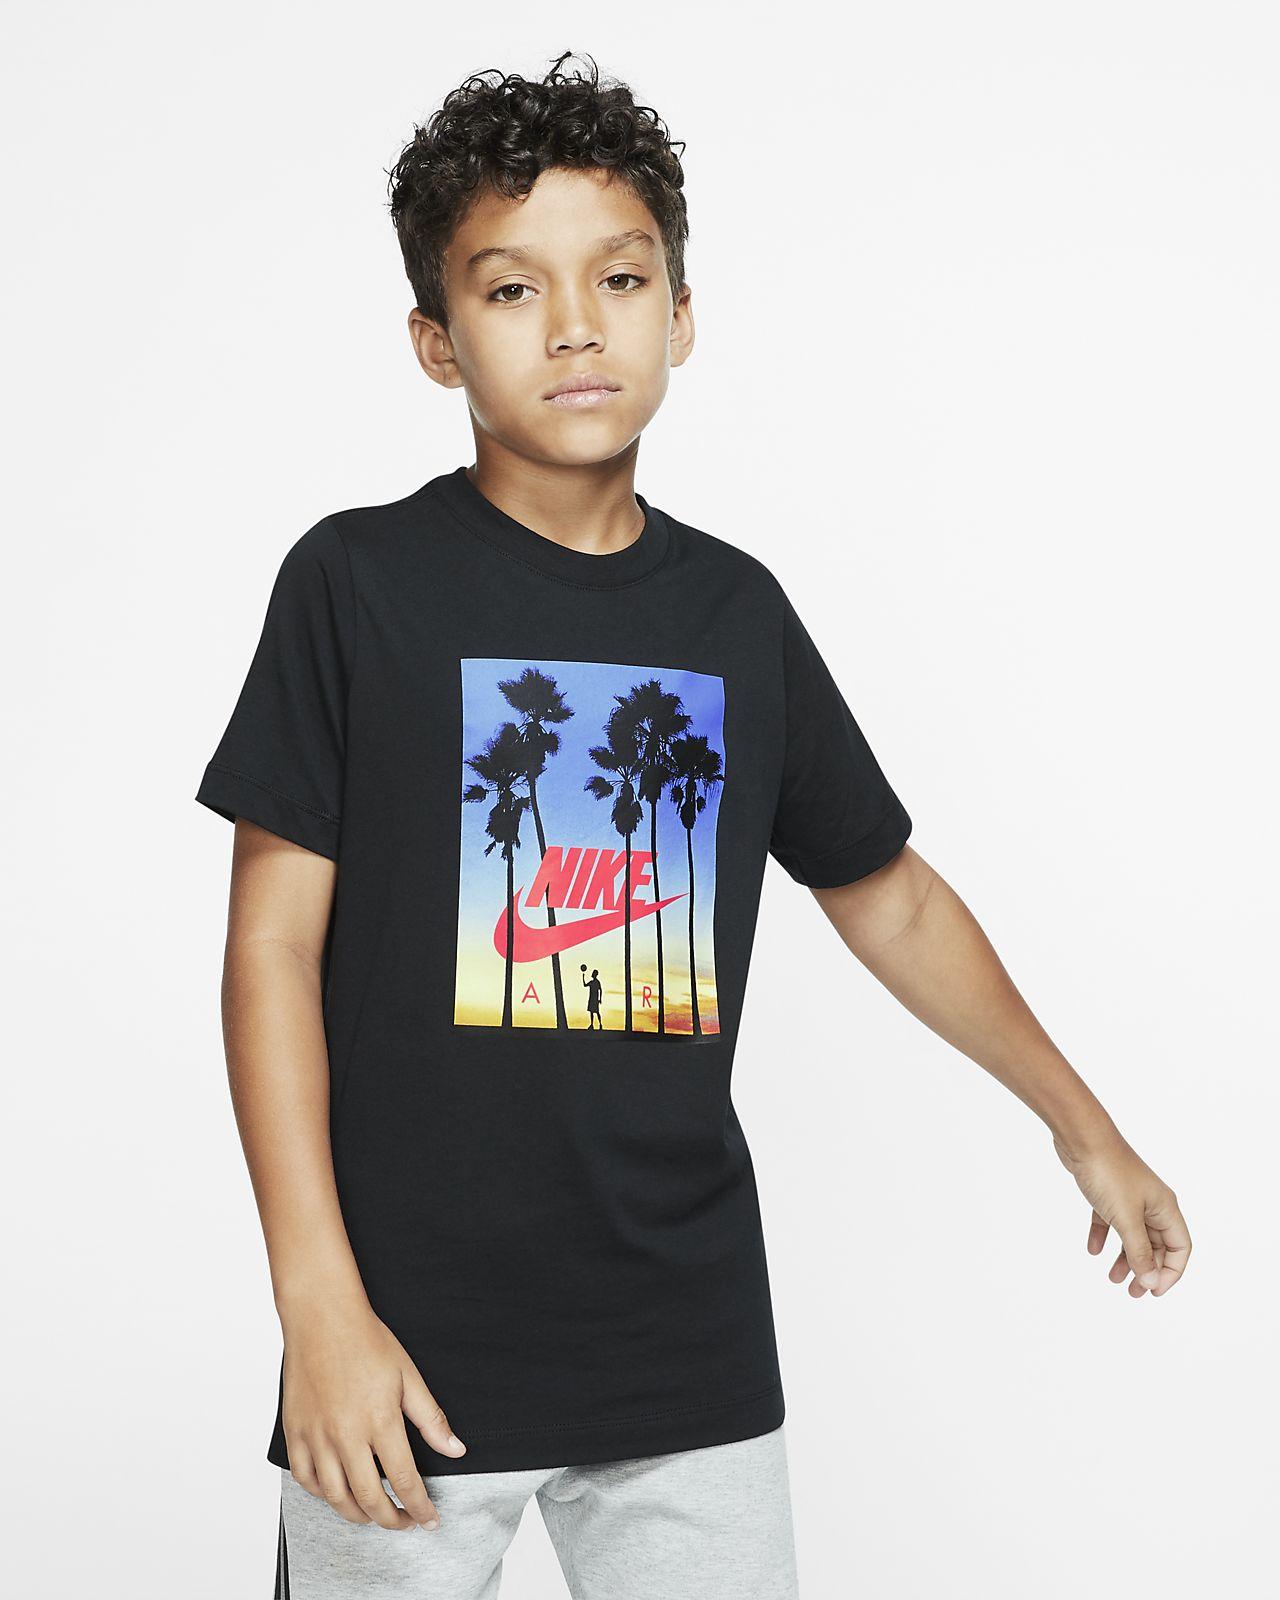 Nike Air T-shirt voor kids